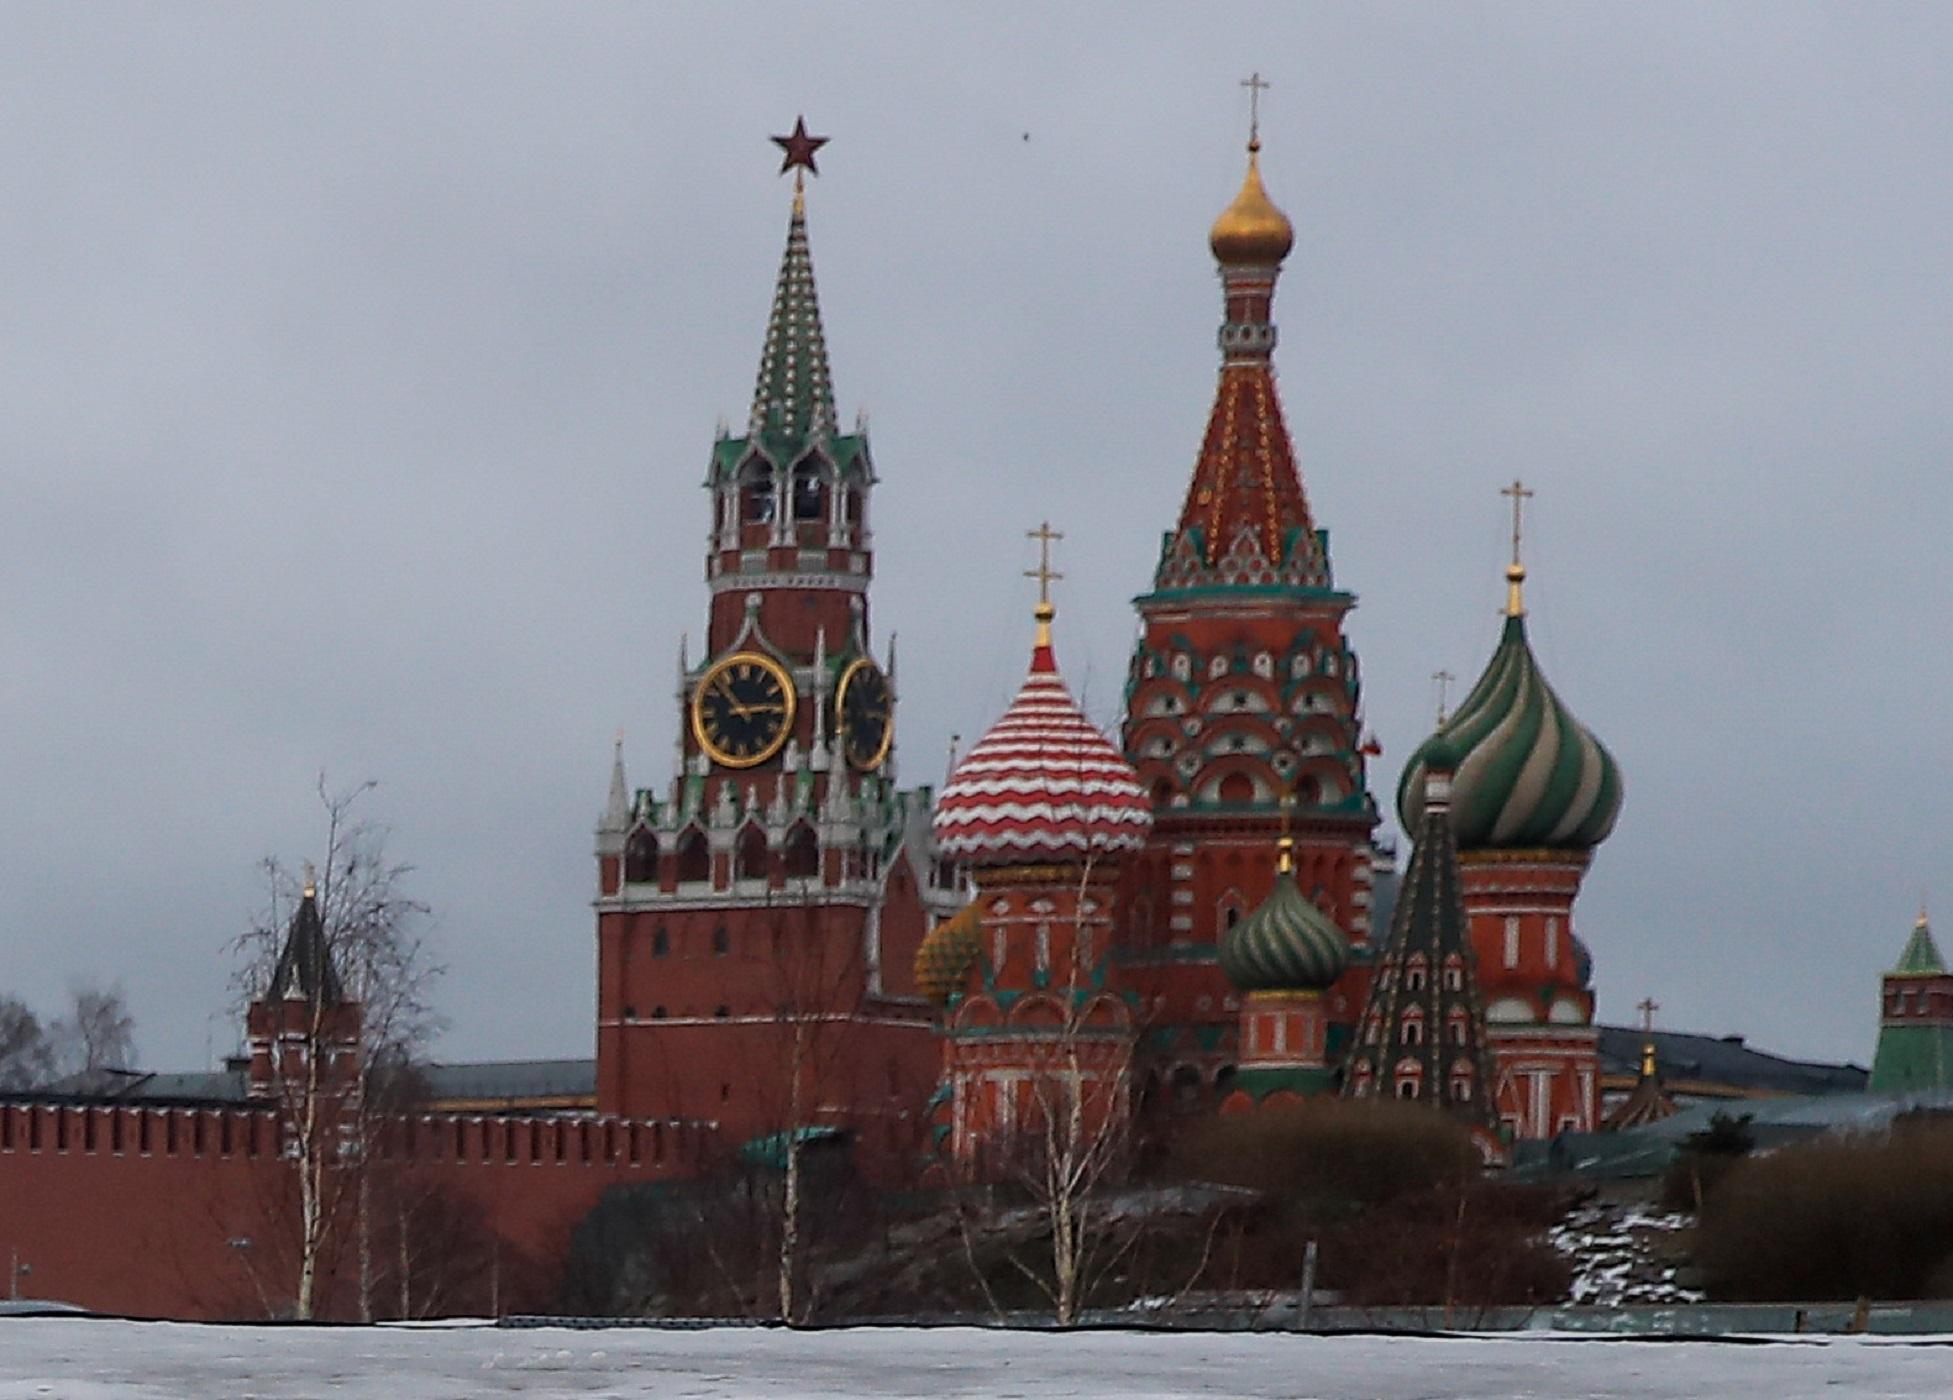 Θα ανταπαντήσει η Μόσχα εάν κλιμακωθεί η διαμάχη κατασκοπείας με την Τσεχία